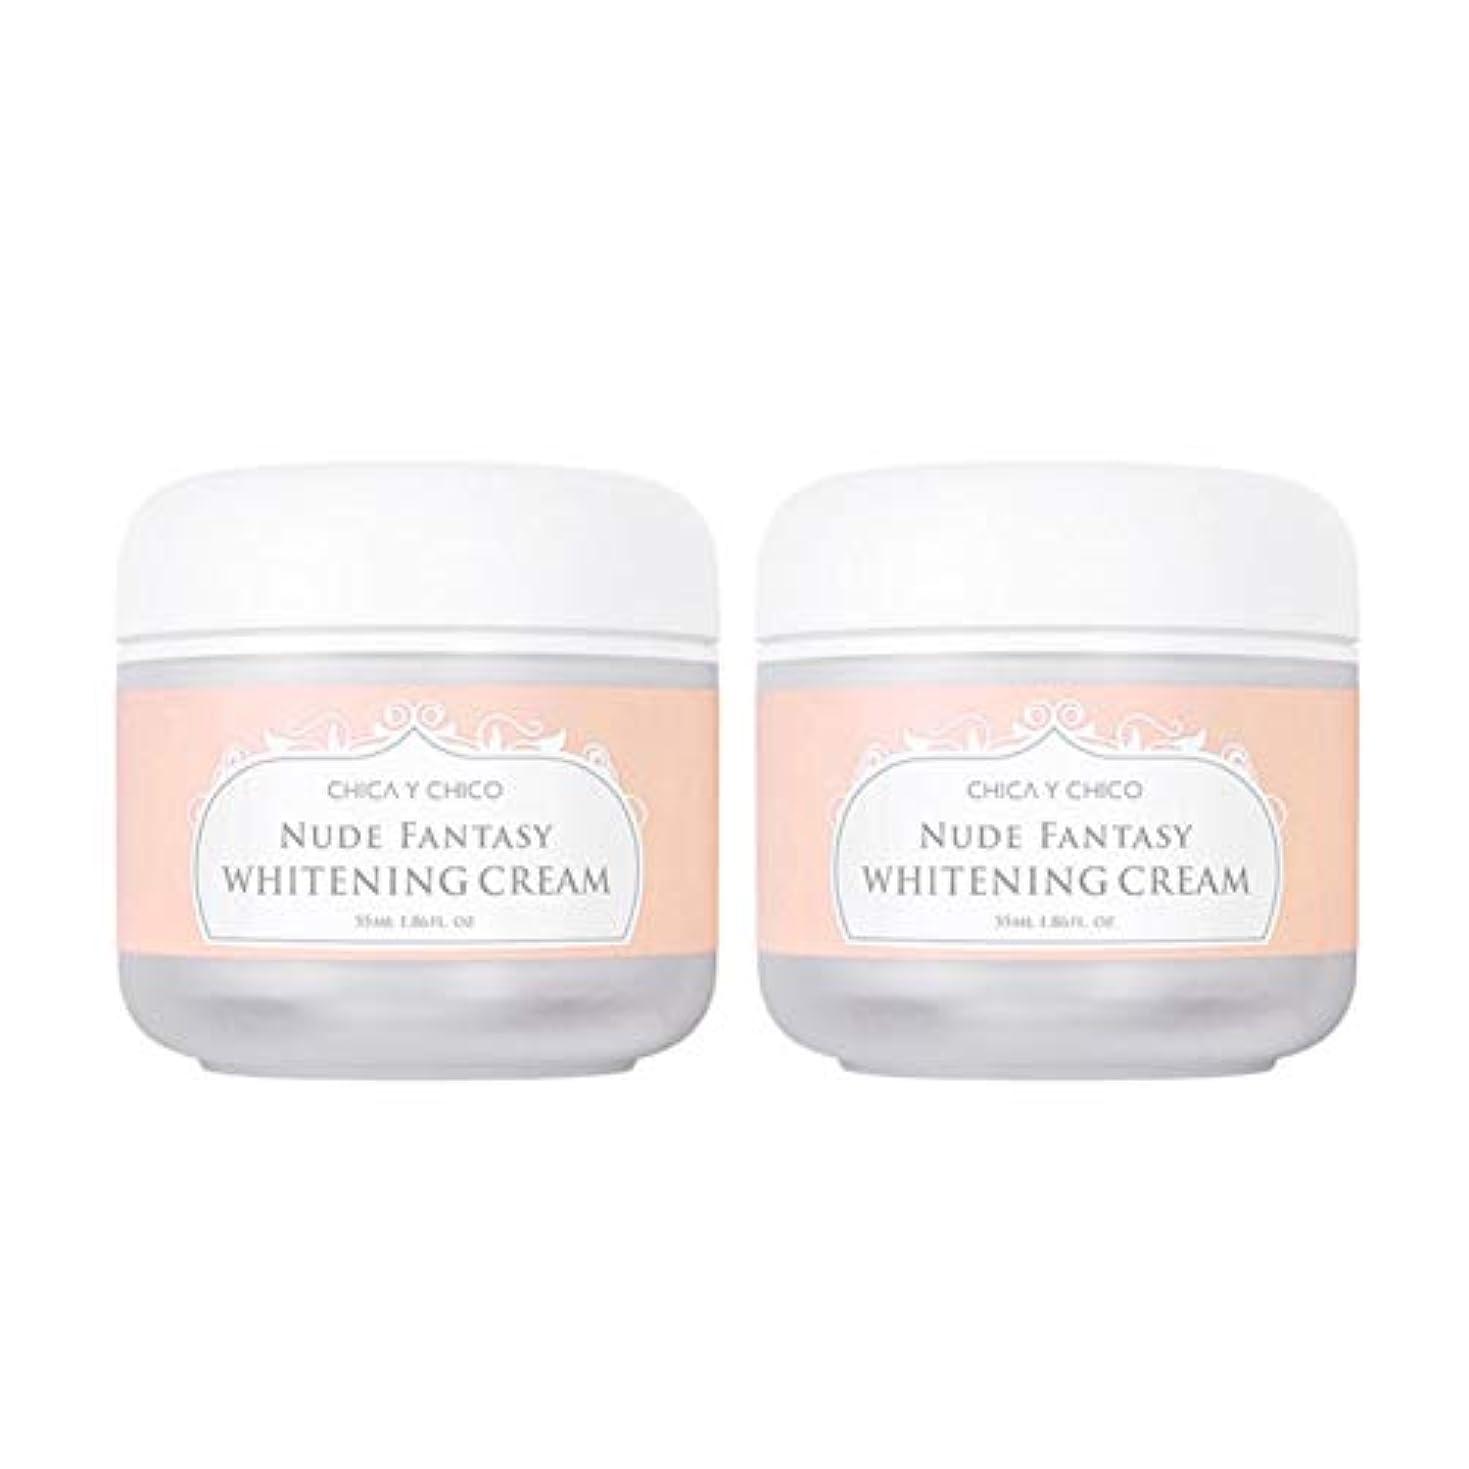 ペチコートサーキュレーションアウターチカ?イ?チーコヌードファンタジーホワイトニングクリーム55mlx2本セット韓国コスメ、Chica Y Chico Nude Fantasy Whitening Cream 55ml x 2ea Set Korean Cosmetics...